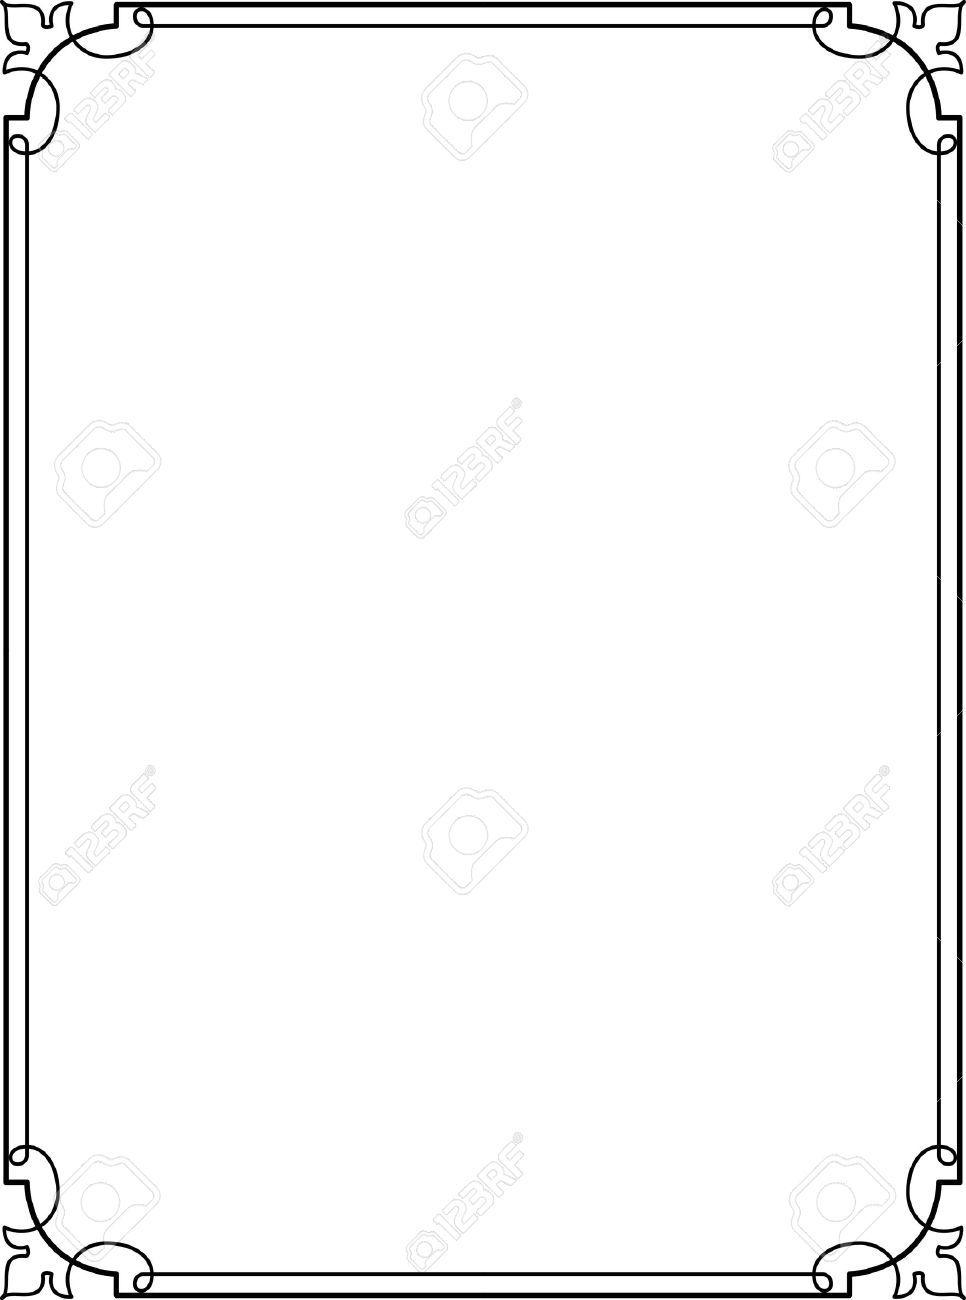 simple lines border frame vector design designing